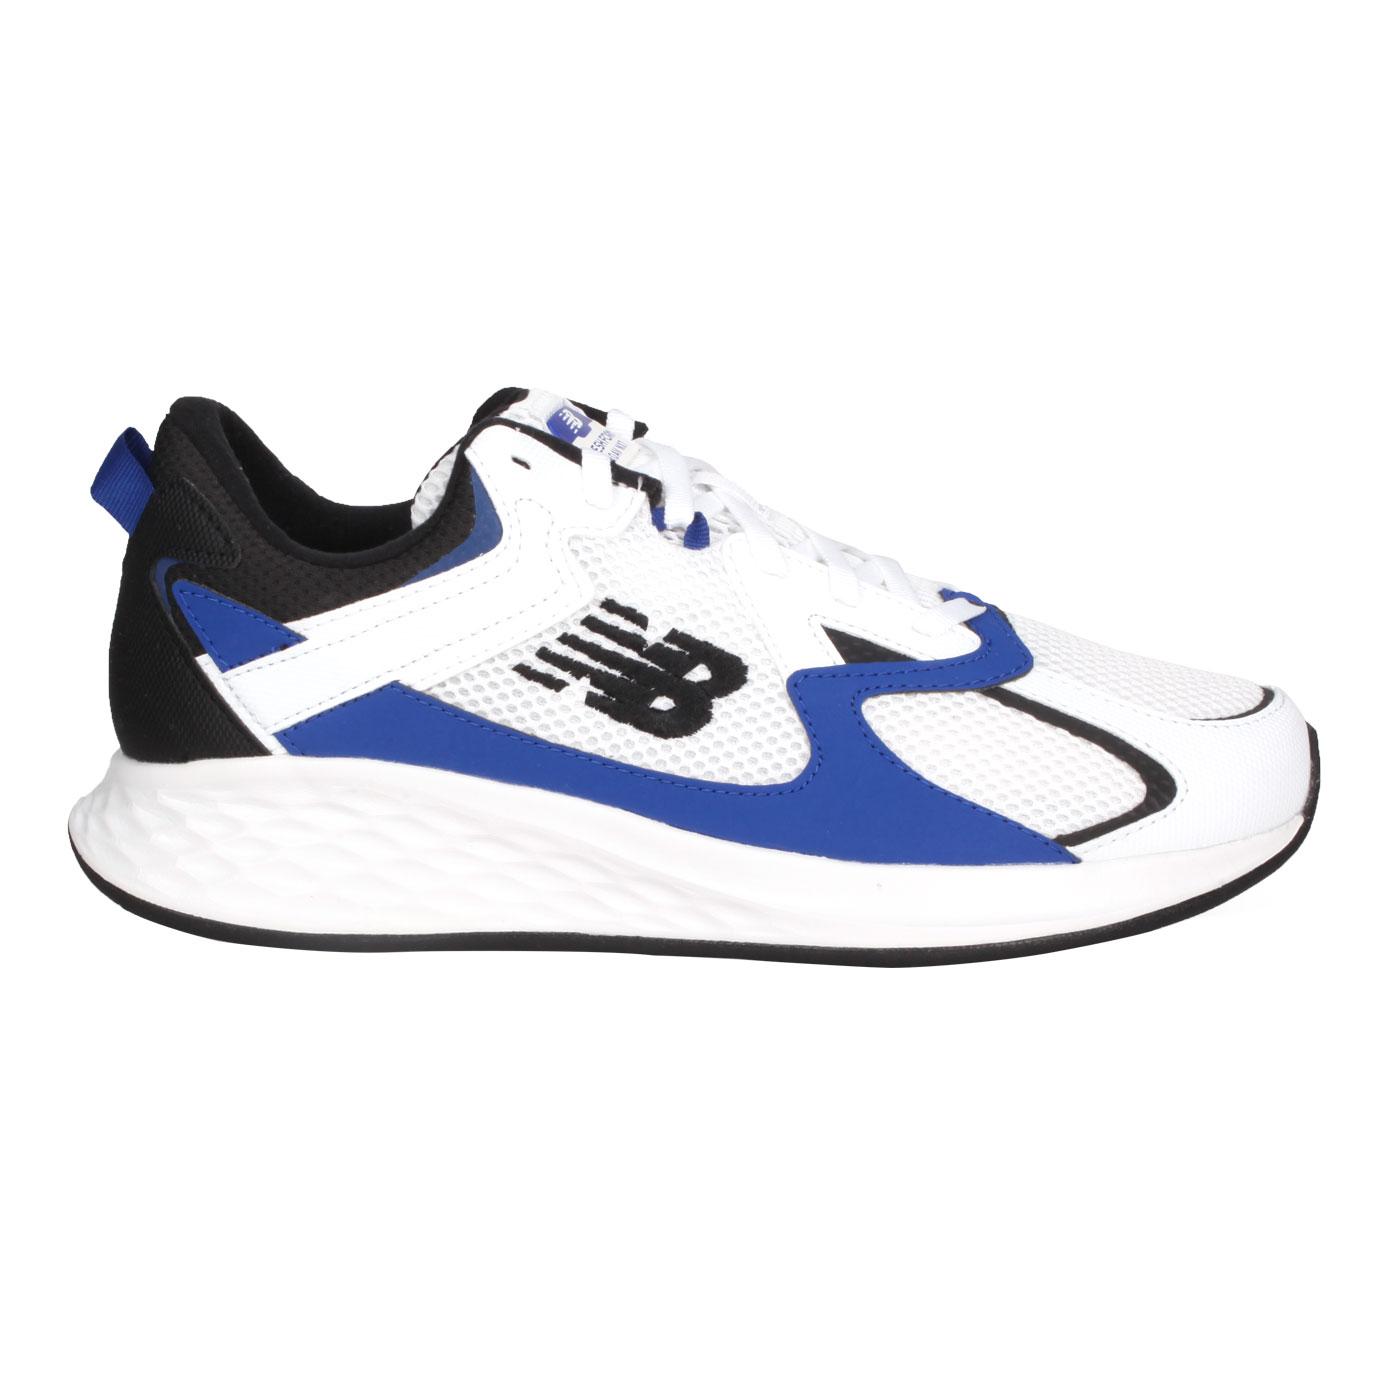 NEW BALANCE 男款慢跑鞋-2E MRNXTLW - 白藍黑